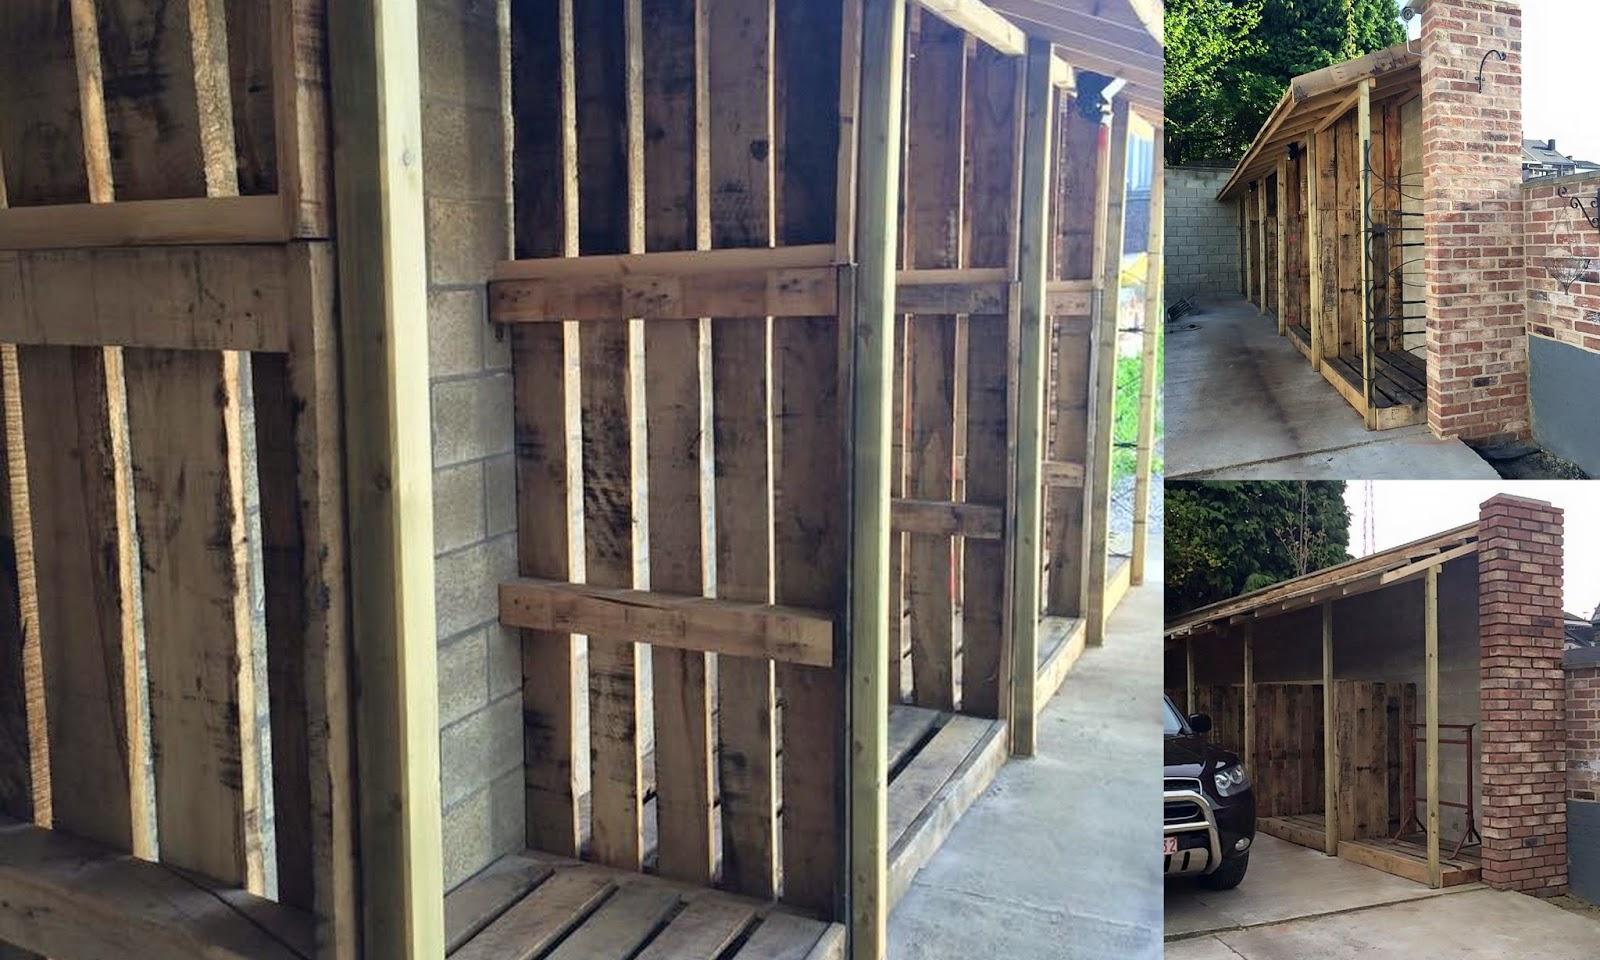 Combien De Steres De Bois Pour Un Hiver - Mon blog parmi tant d'autres Lechatmorpheus Construction d'un abrià bois de chauffage